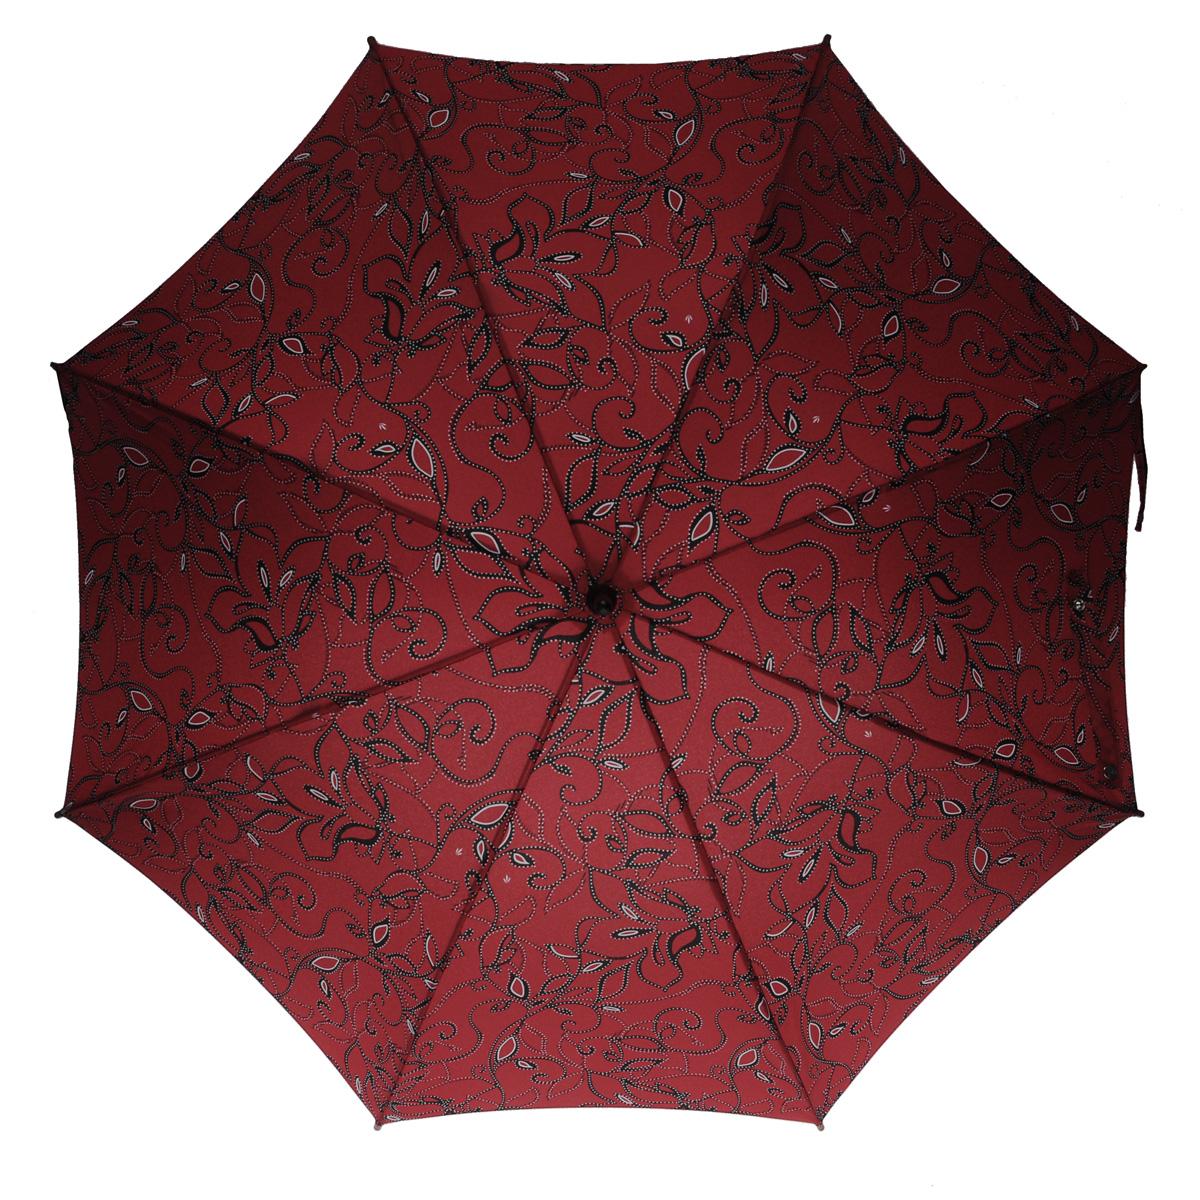 """Зонт-трость женский Fulton, механический, цвет: бордовый. L056L056Модный механический зонт-трость """"Fulton"""" даже в ненастную погоду позволит вам оставаться стильной и элегантной. Облегченный каркас зонта состоит из 8 спиц из фибергласса и деревянного стержня. Купол зонта выполнен из прочного полиэстера и оформлен витиеватым цветочным узором, дополненным белым крапом. Изделие оснащено удобной рукояткой из дерева. Зонт механического сложения: купол открывается и закрывается вручную до характерного щелчка. Модель закрывается при помощи двух ремней с кнопками. Такой зонт не только надежно защитит вас от дождя, но и станет стильным аксессуаром, который идеально подчеркнет ваш неповторимый образ."""